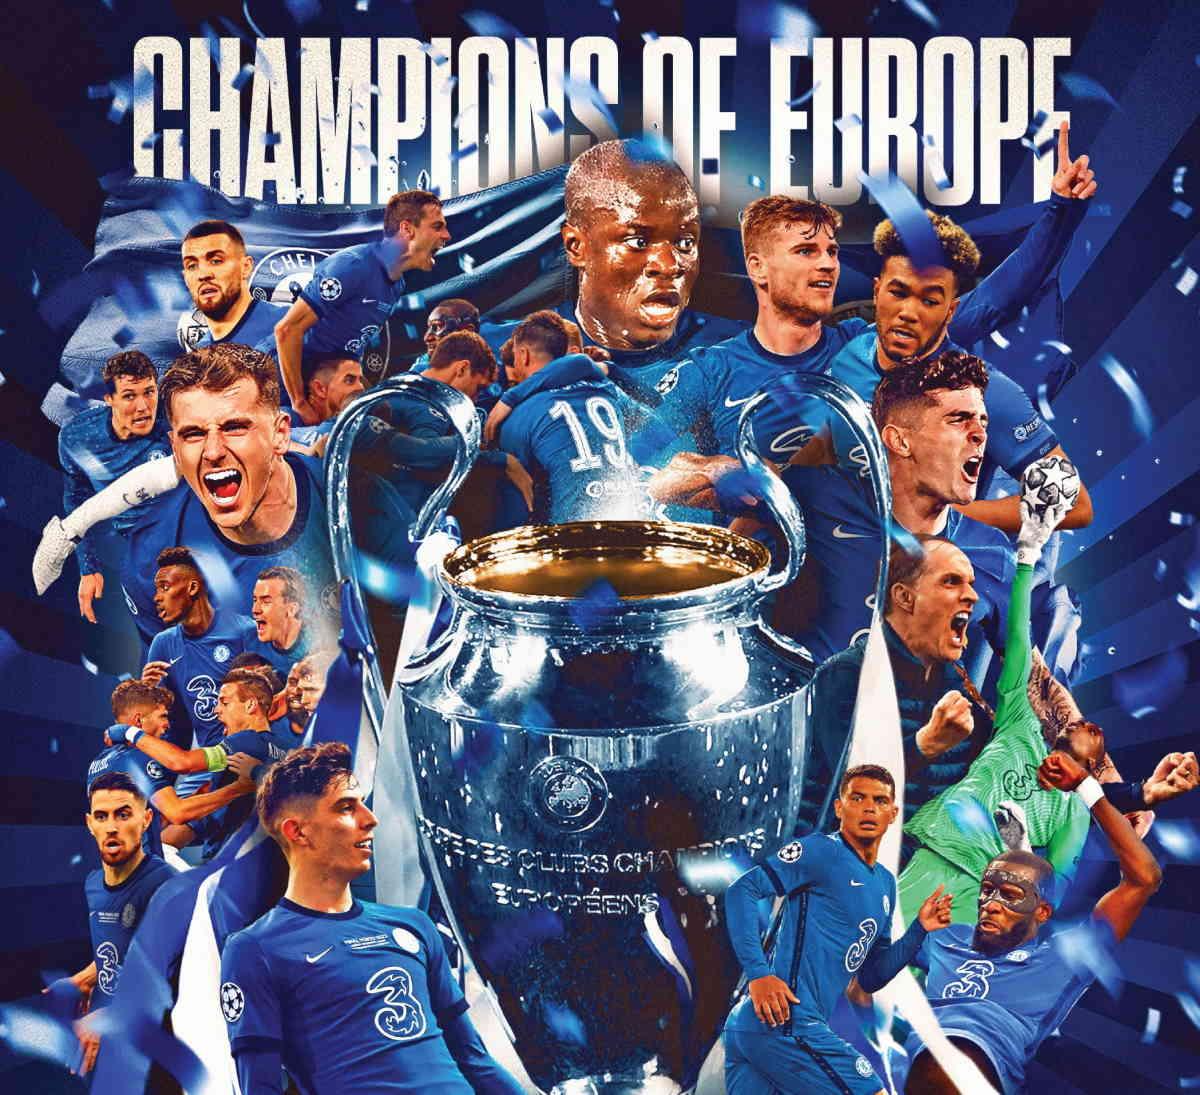 Il Chelsea si aggiudica la Champions League 2020/21 battendo il Manchester City per 1-0